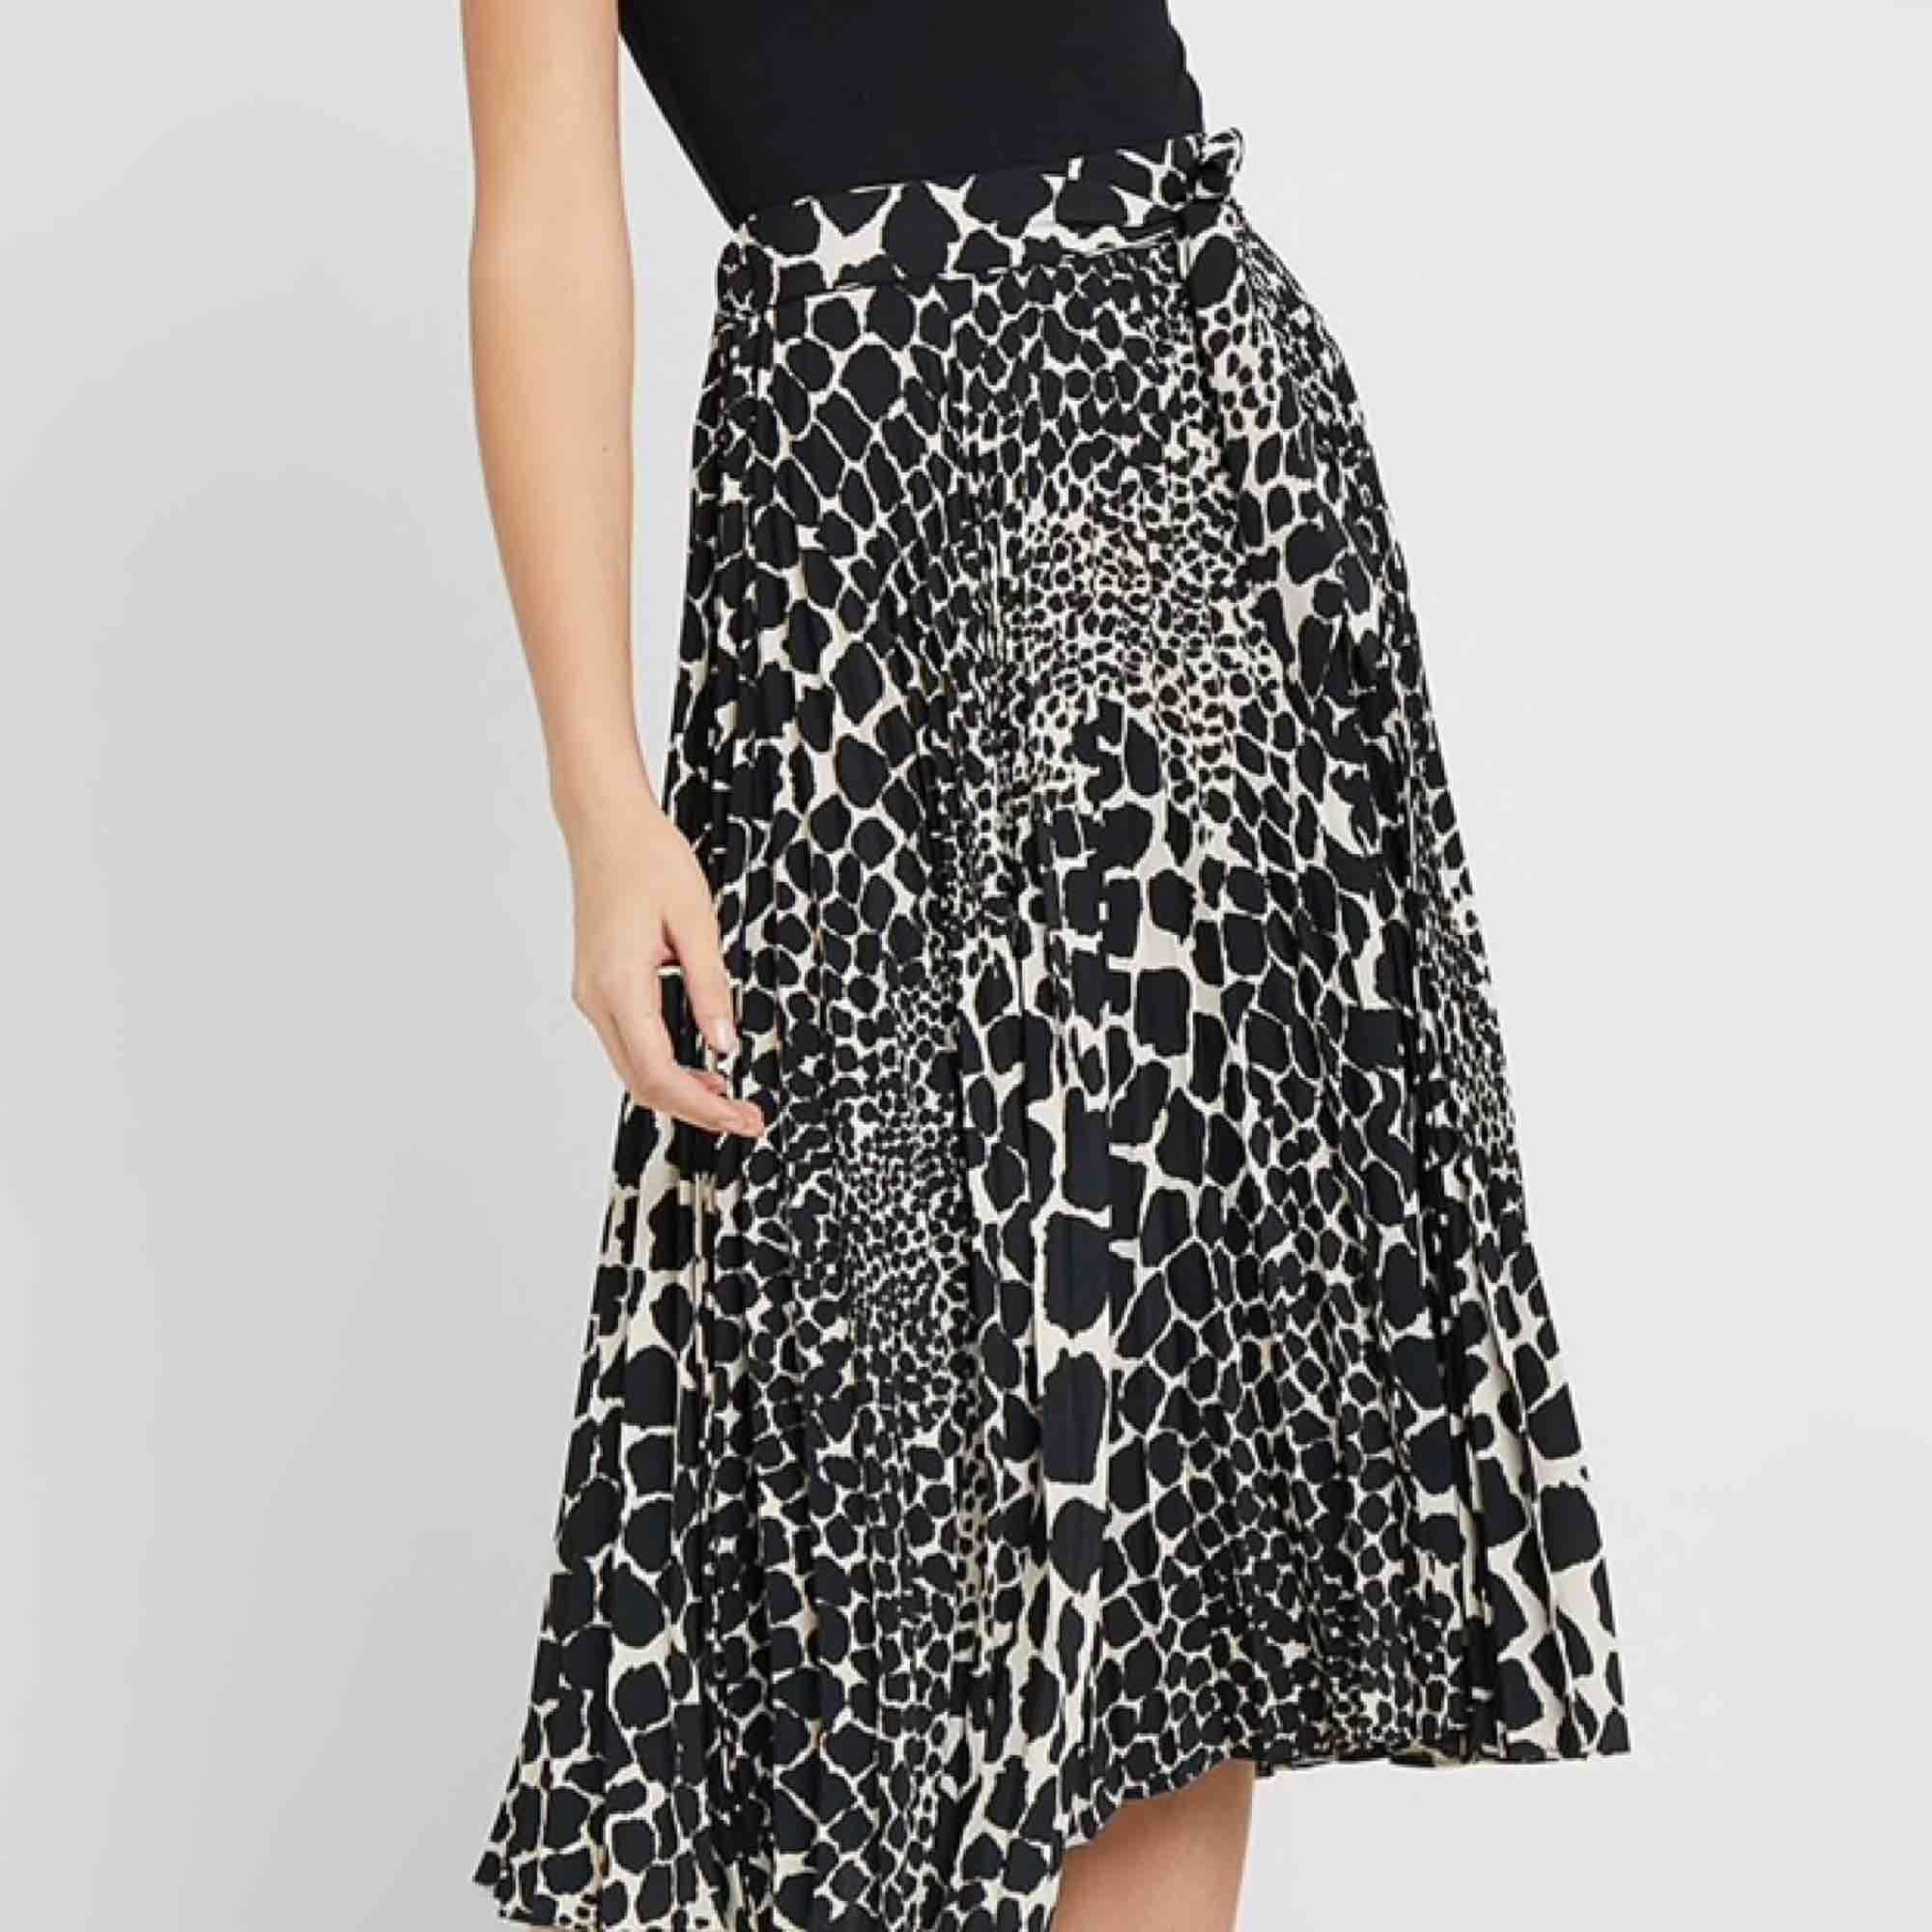 Asymmetrisk plisserad kjol i nyskick från topshop. Säljes då den är lite för lång på mig som är 156 cm. Möts upp vid Fridhemsplan eller skickas mot fraktkostnad.. Kjolar.